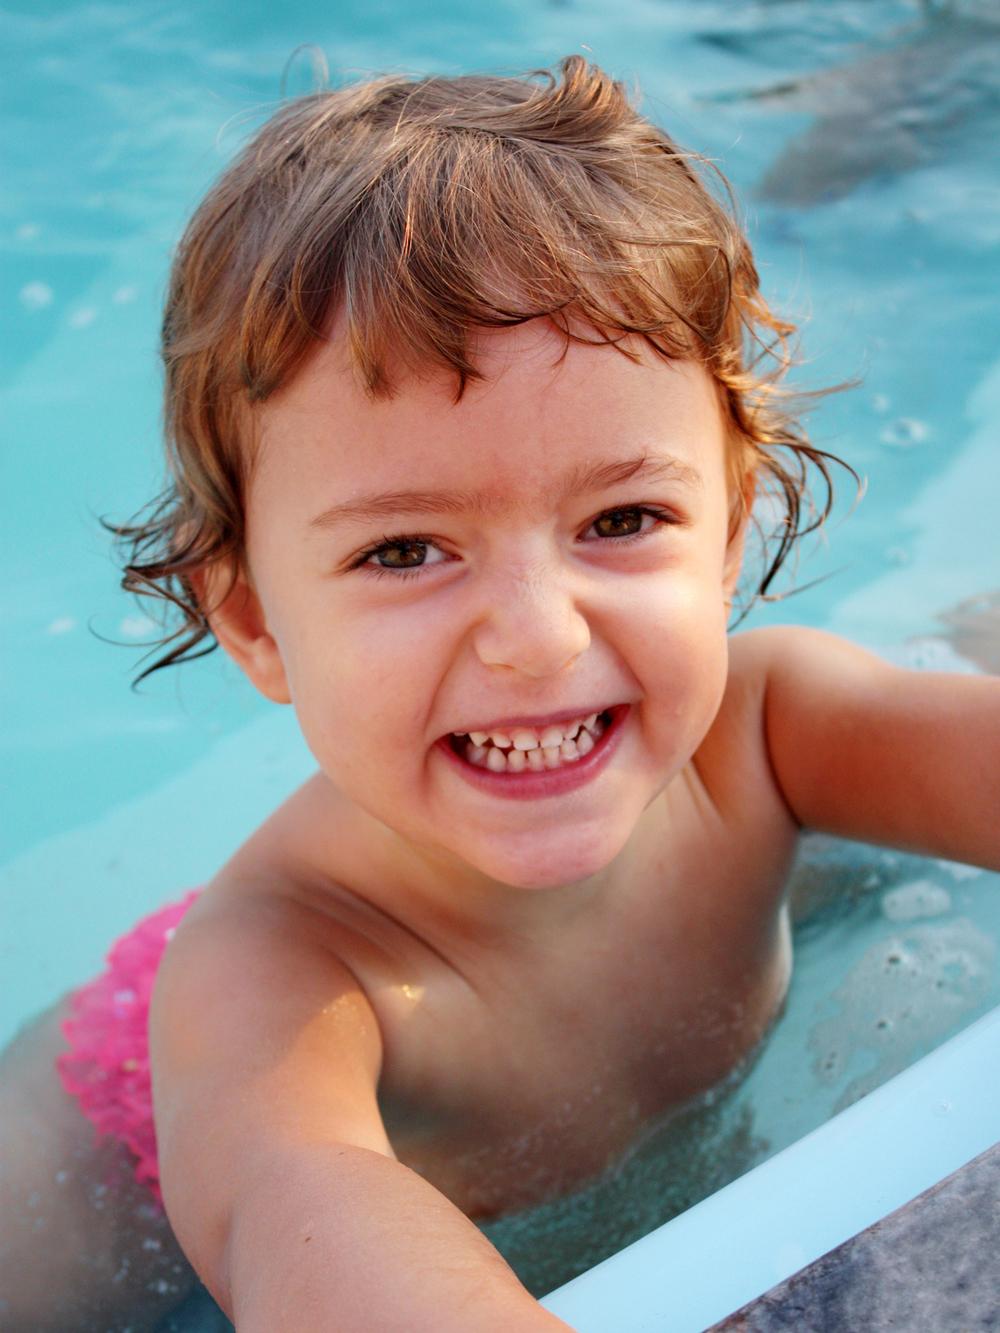 Aprendí a nadar... ¡En blanco y negro! Foto: Meral Akbulut.